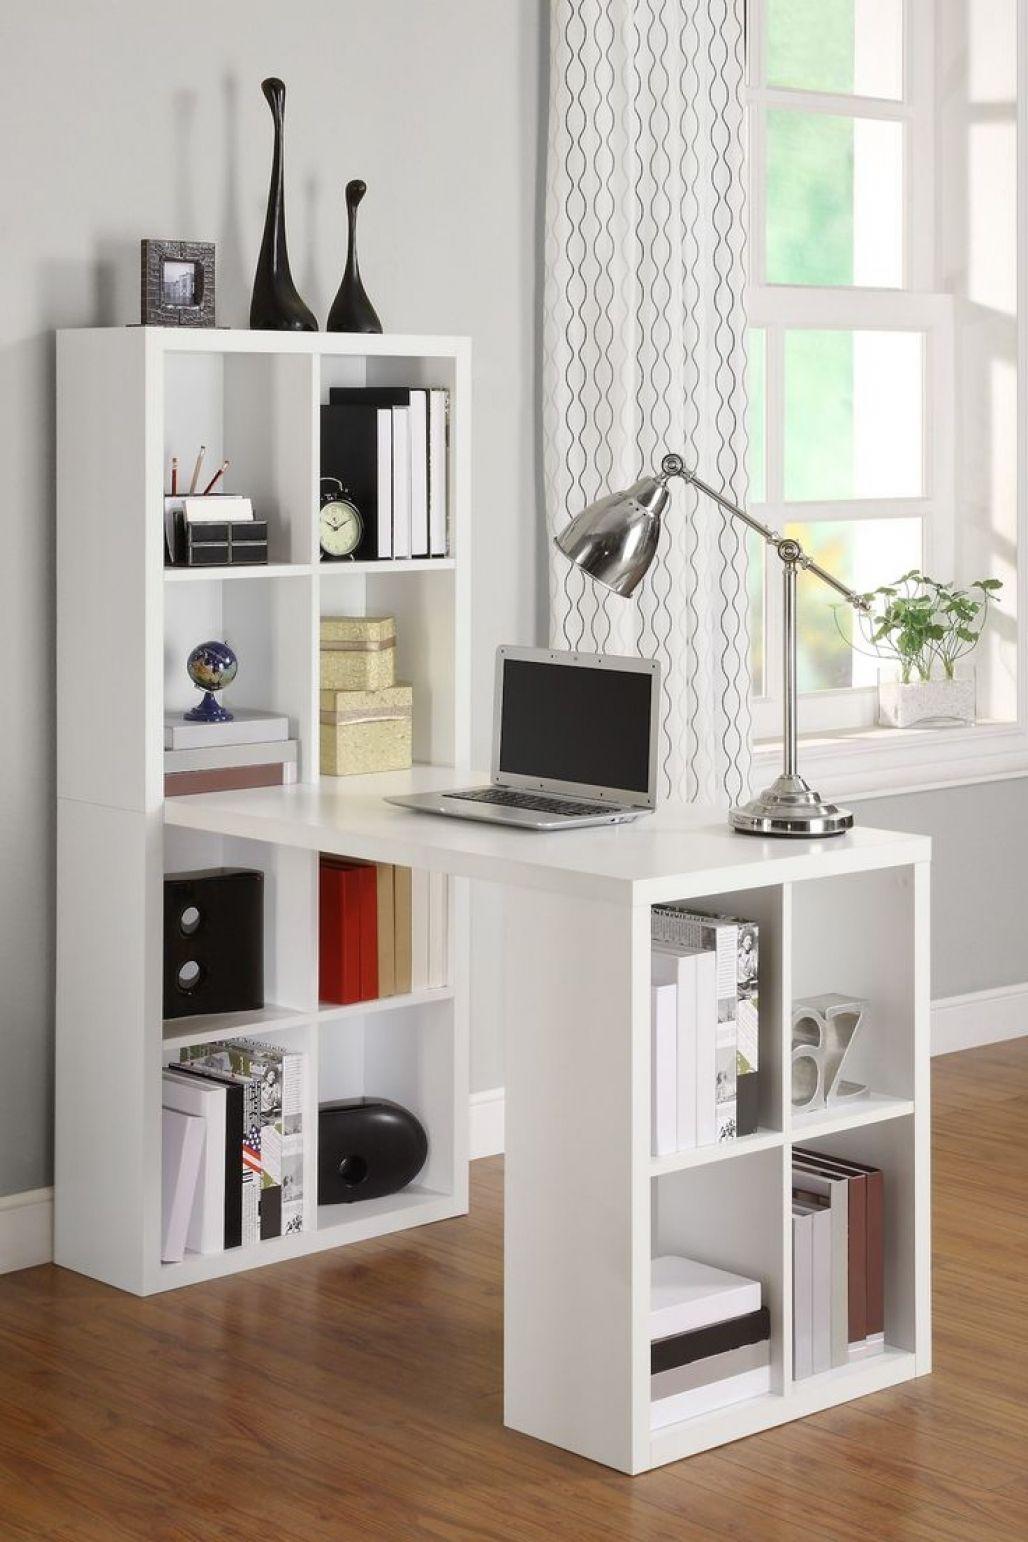 Wunderschone Schreibtisch Regal Kombi Die Besten 25 Kallax Schreibtisch Ideen Auf Pinterest Ikea Am2 Regal Schreibtisch Platzsparende Mobel Bastelraum Tische